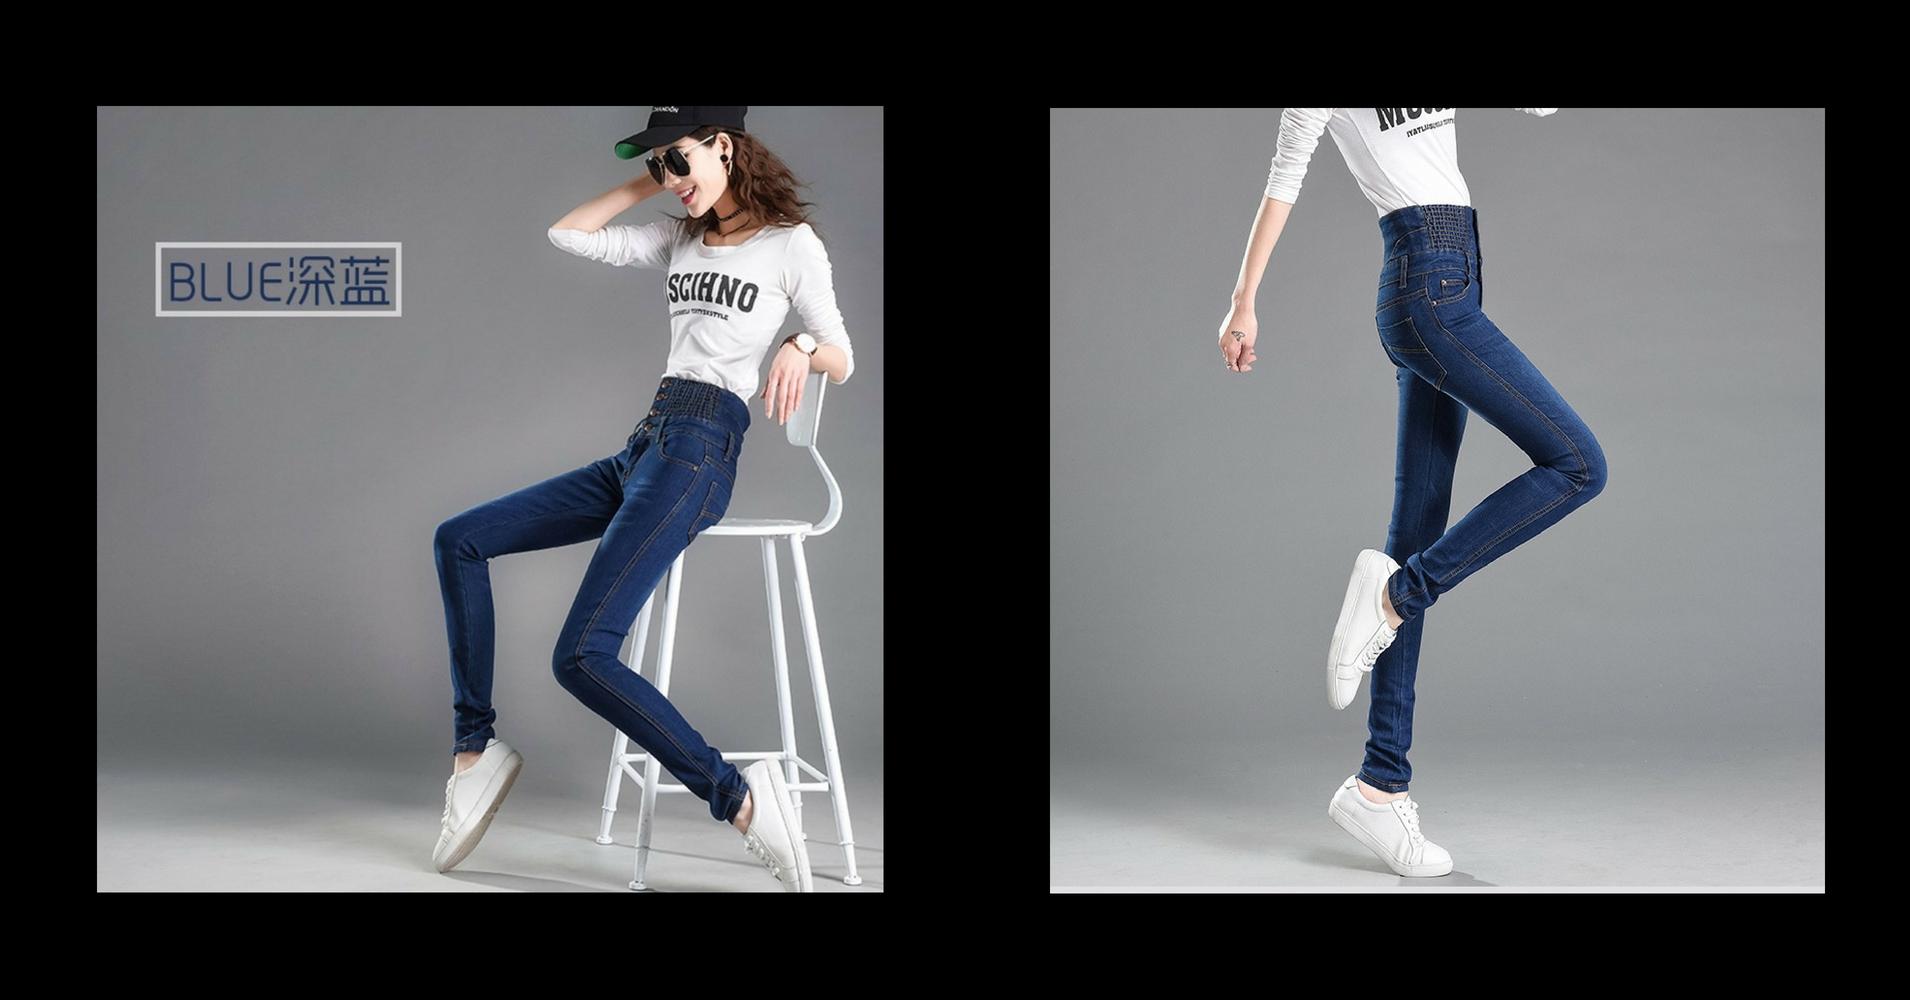 一款专为亚洲女性设计的ZALA顶级高腰牛仔裤!让你秒变大长腿!显瘦显高完美曲线展现你的魅力!.jpg